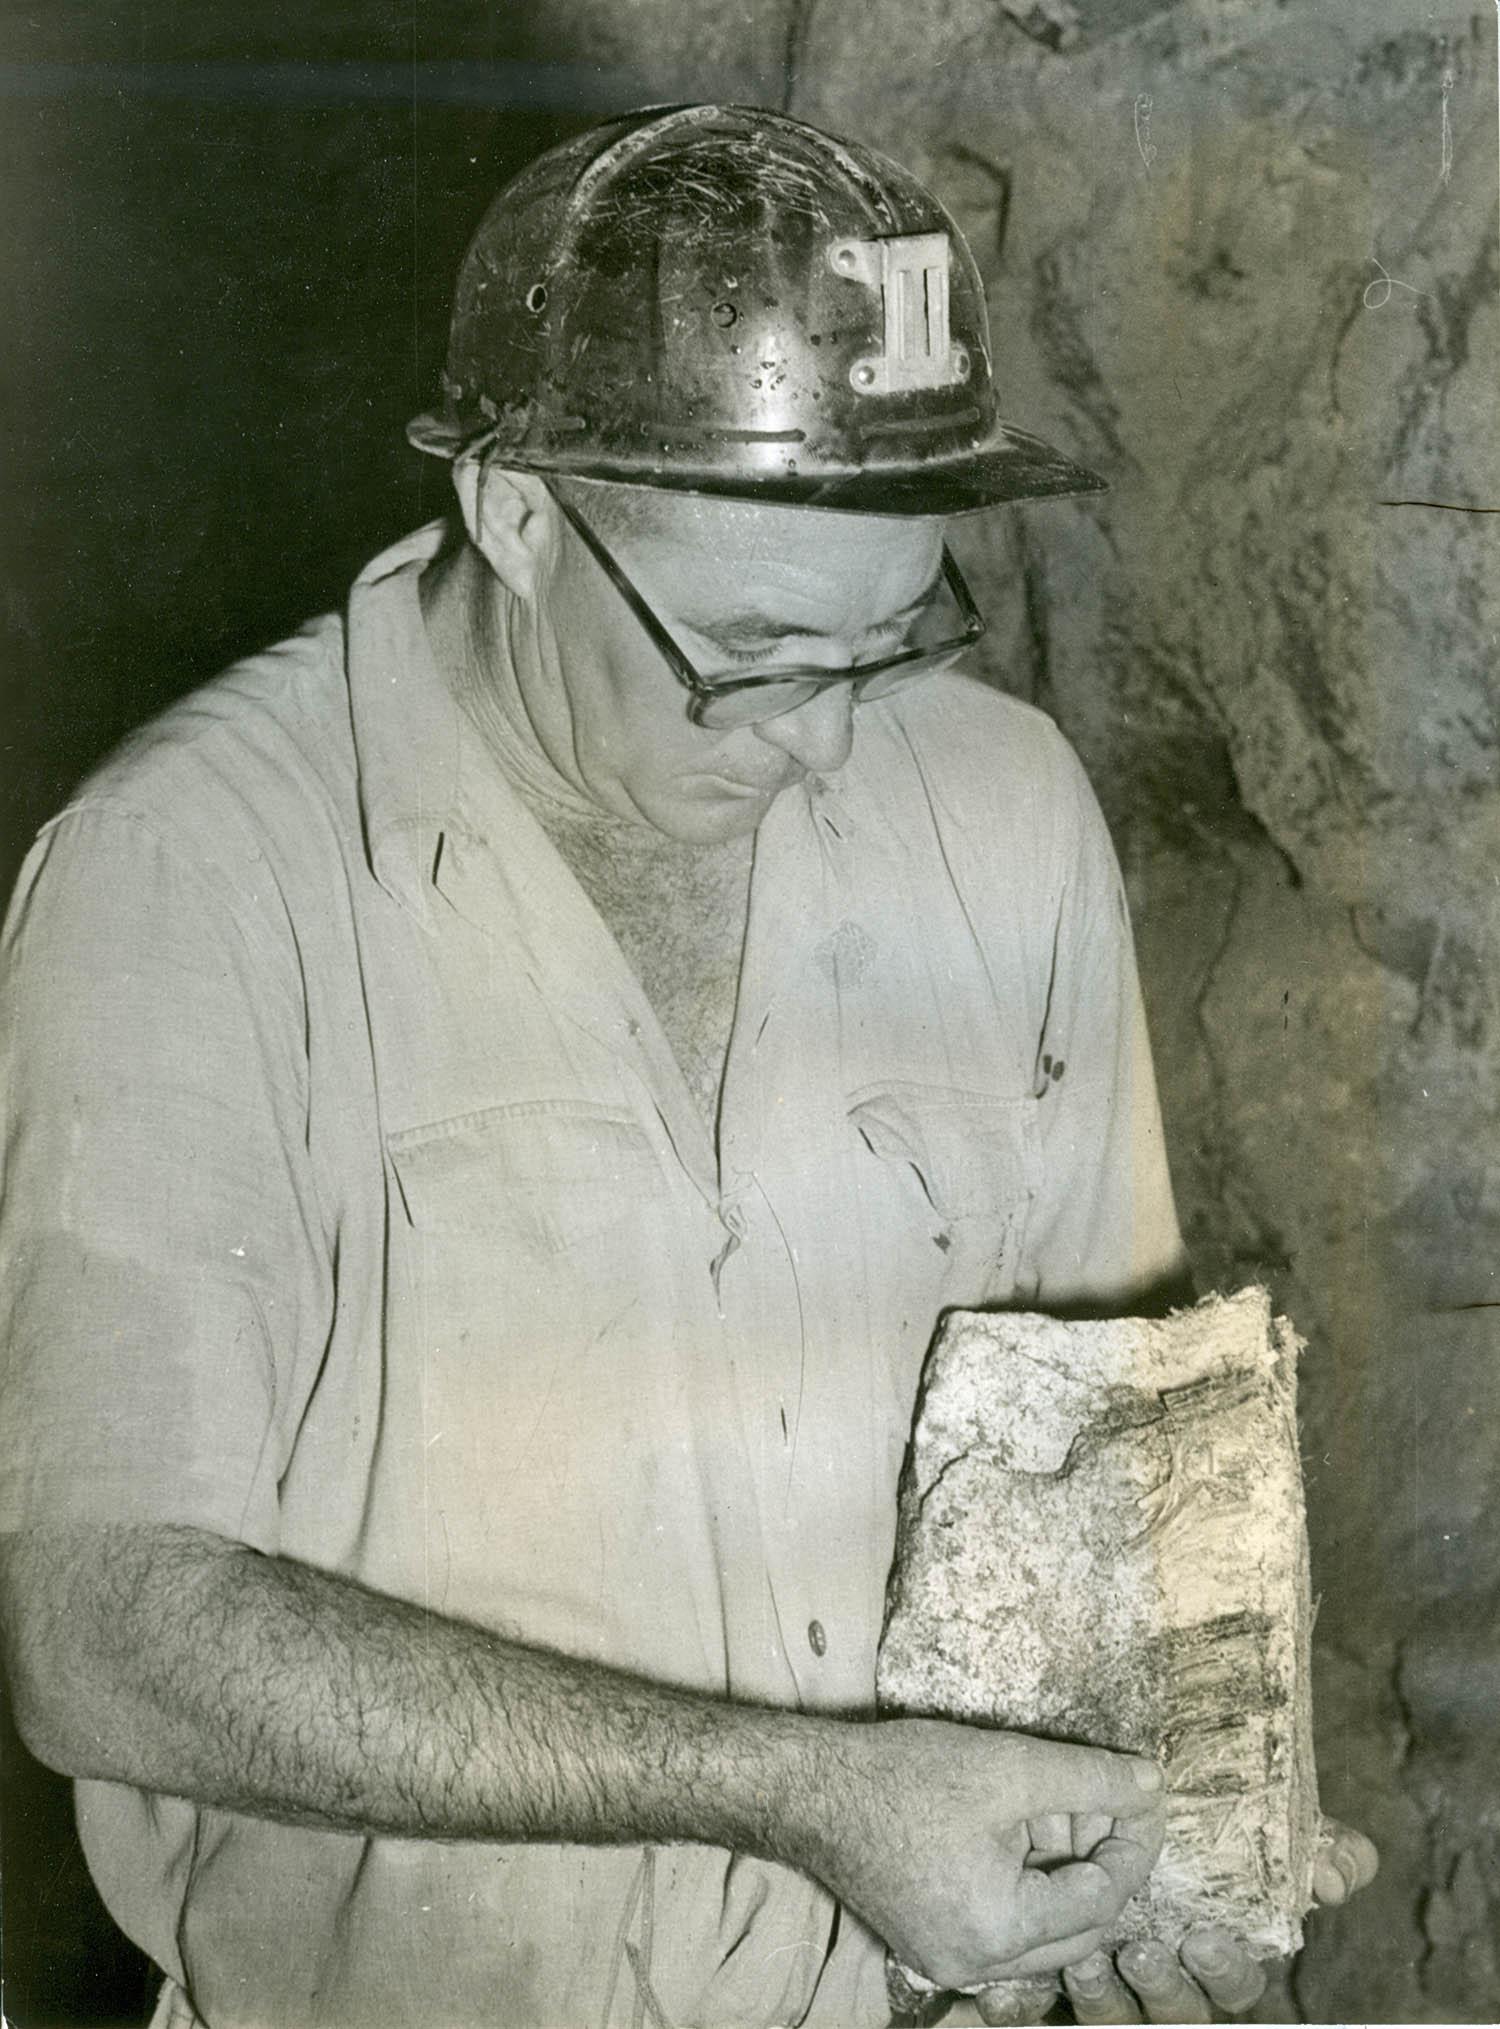 Een mijnwerker uit Rhodesië/Zimbabwe met chrysotiel-asbest in de hand met afgezien van een helm zonder verdere bescherming